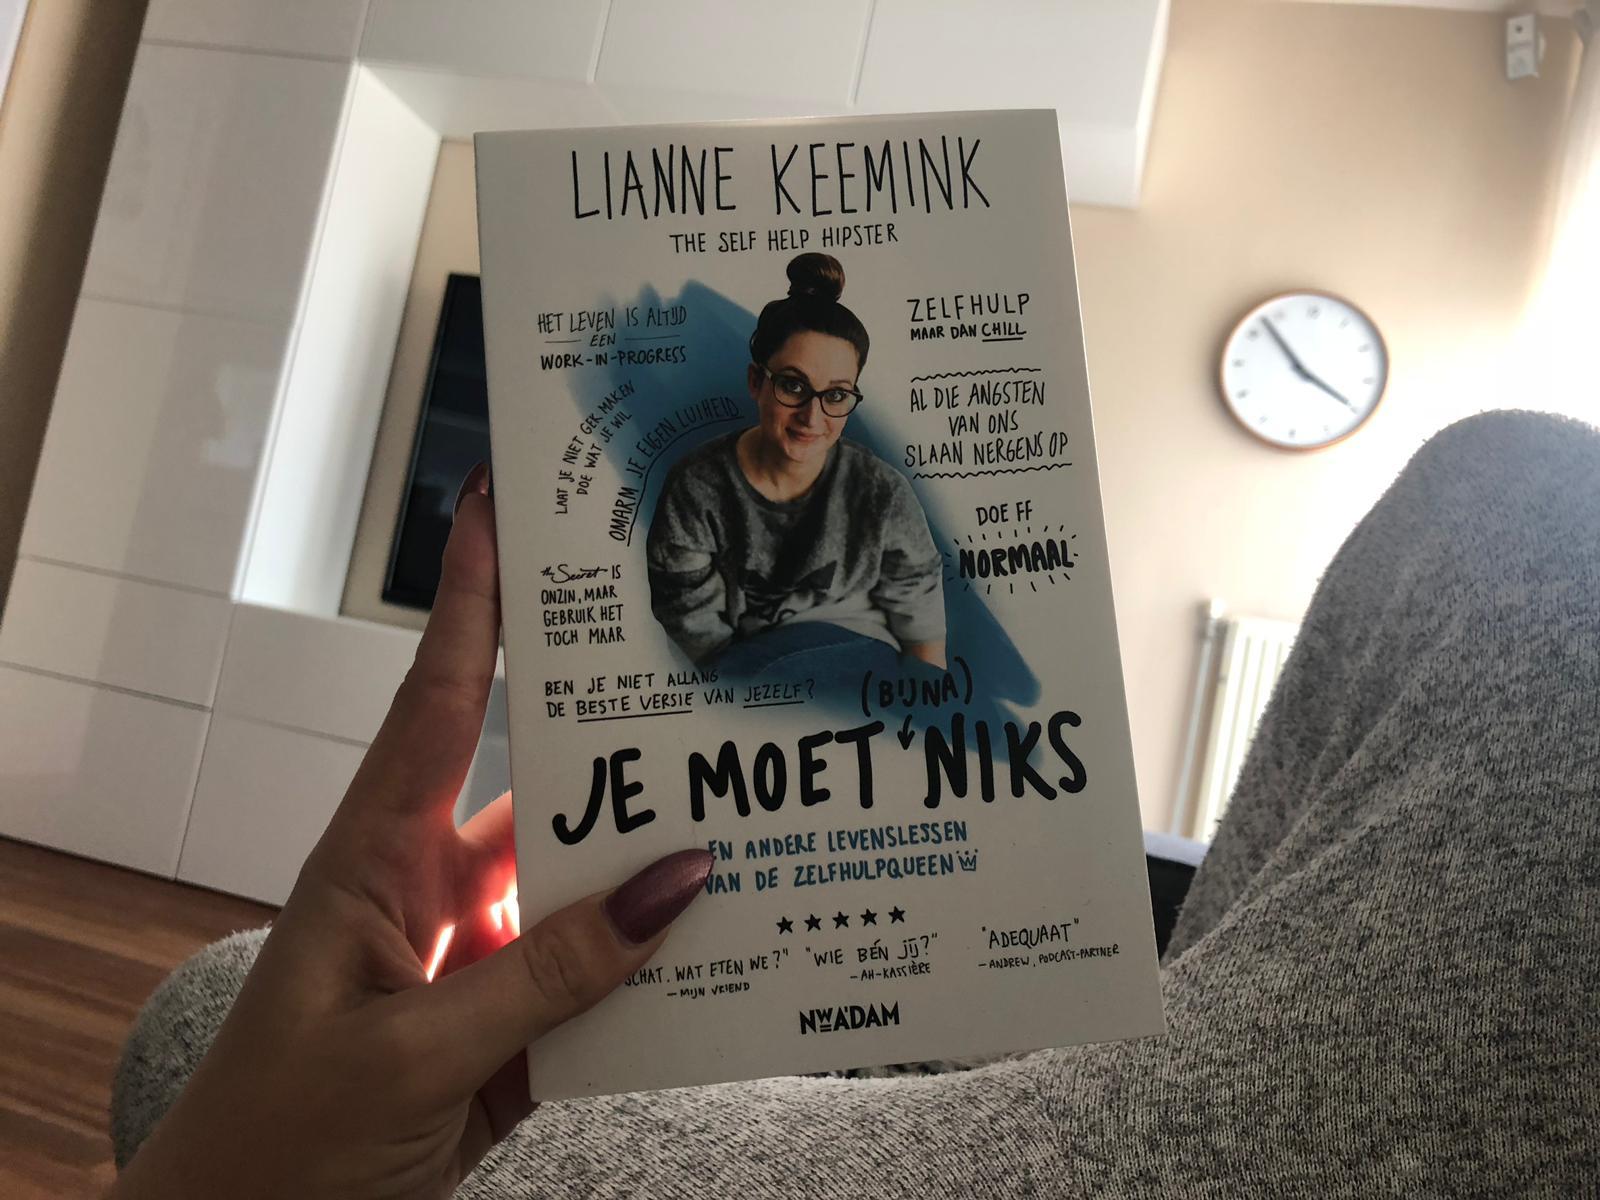 Lianne Keemink - Je moet bijna niks